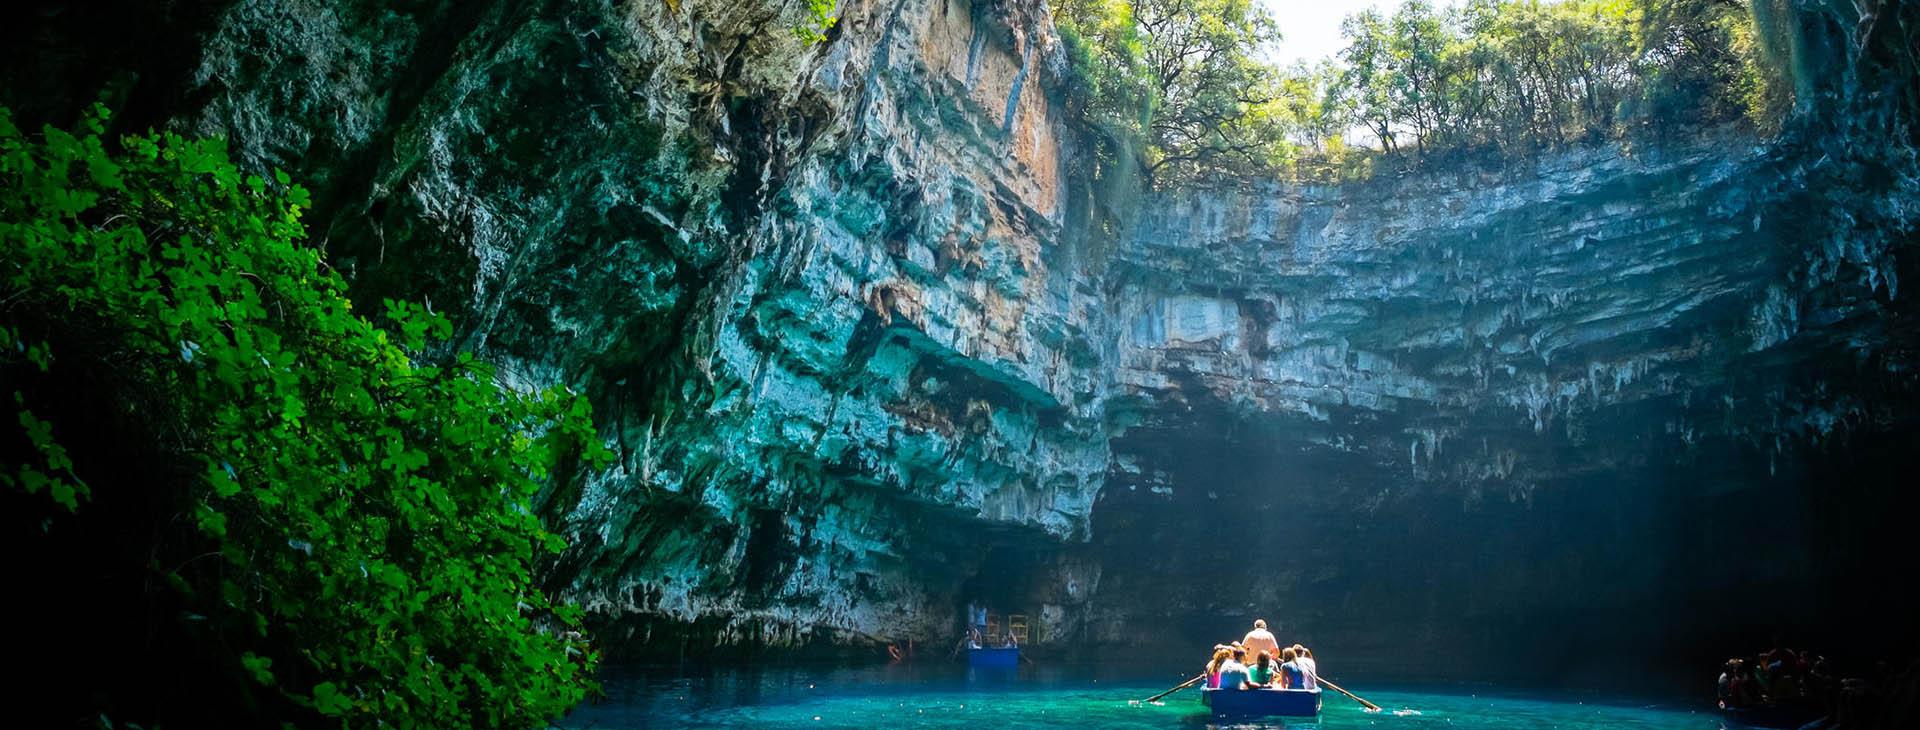 Mellisani cave on Kefalonia island